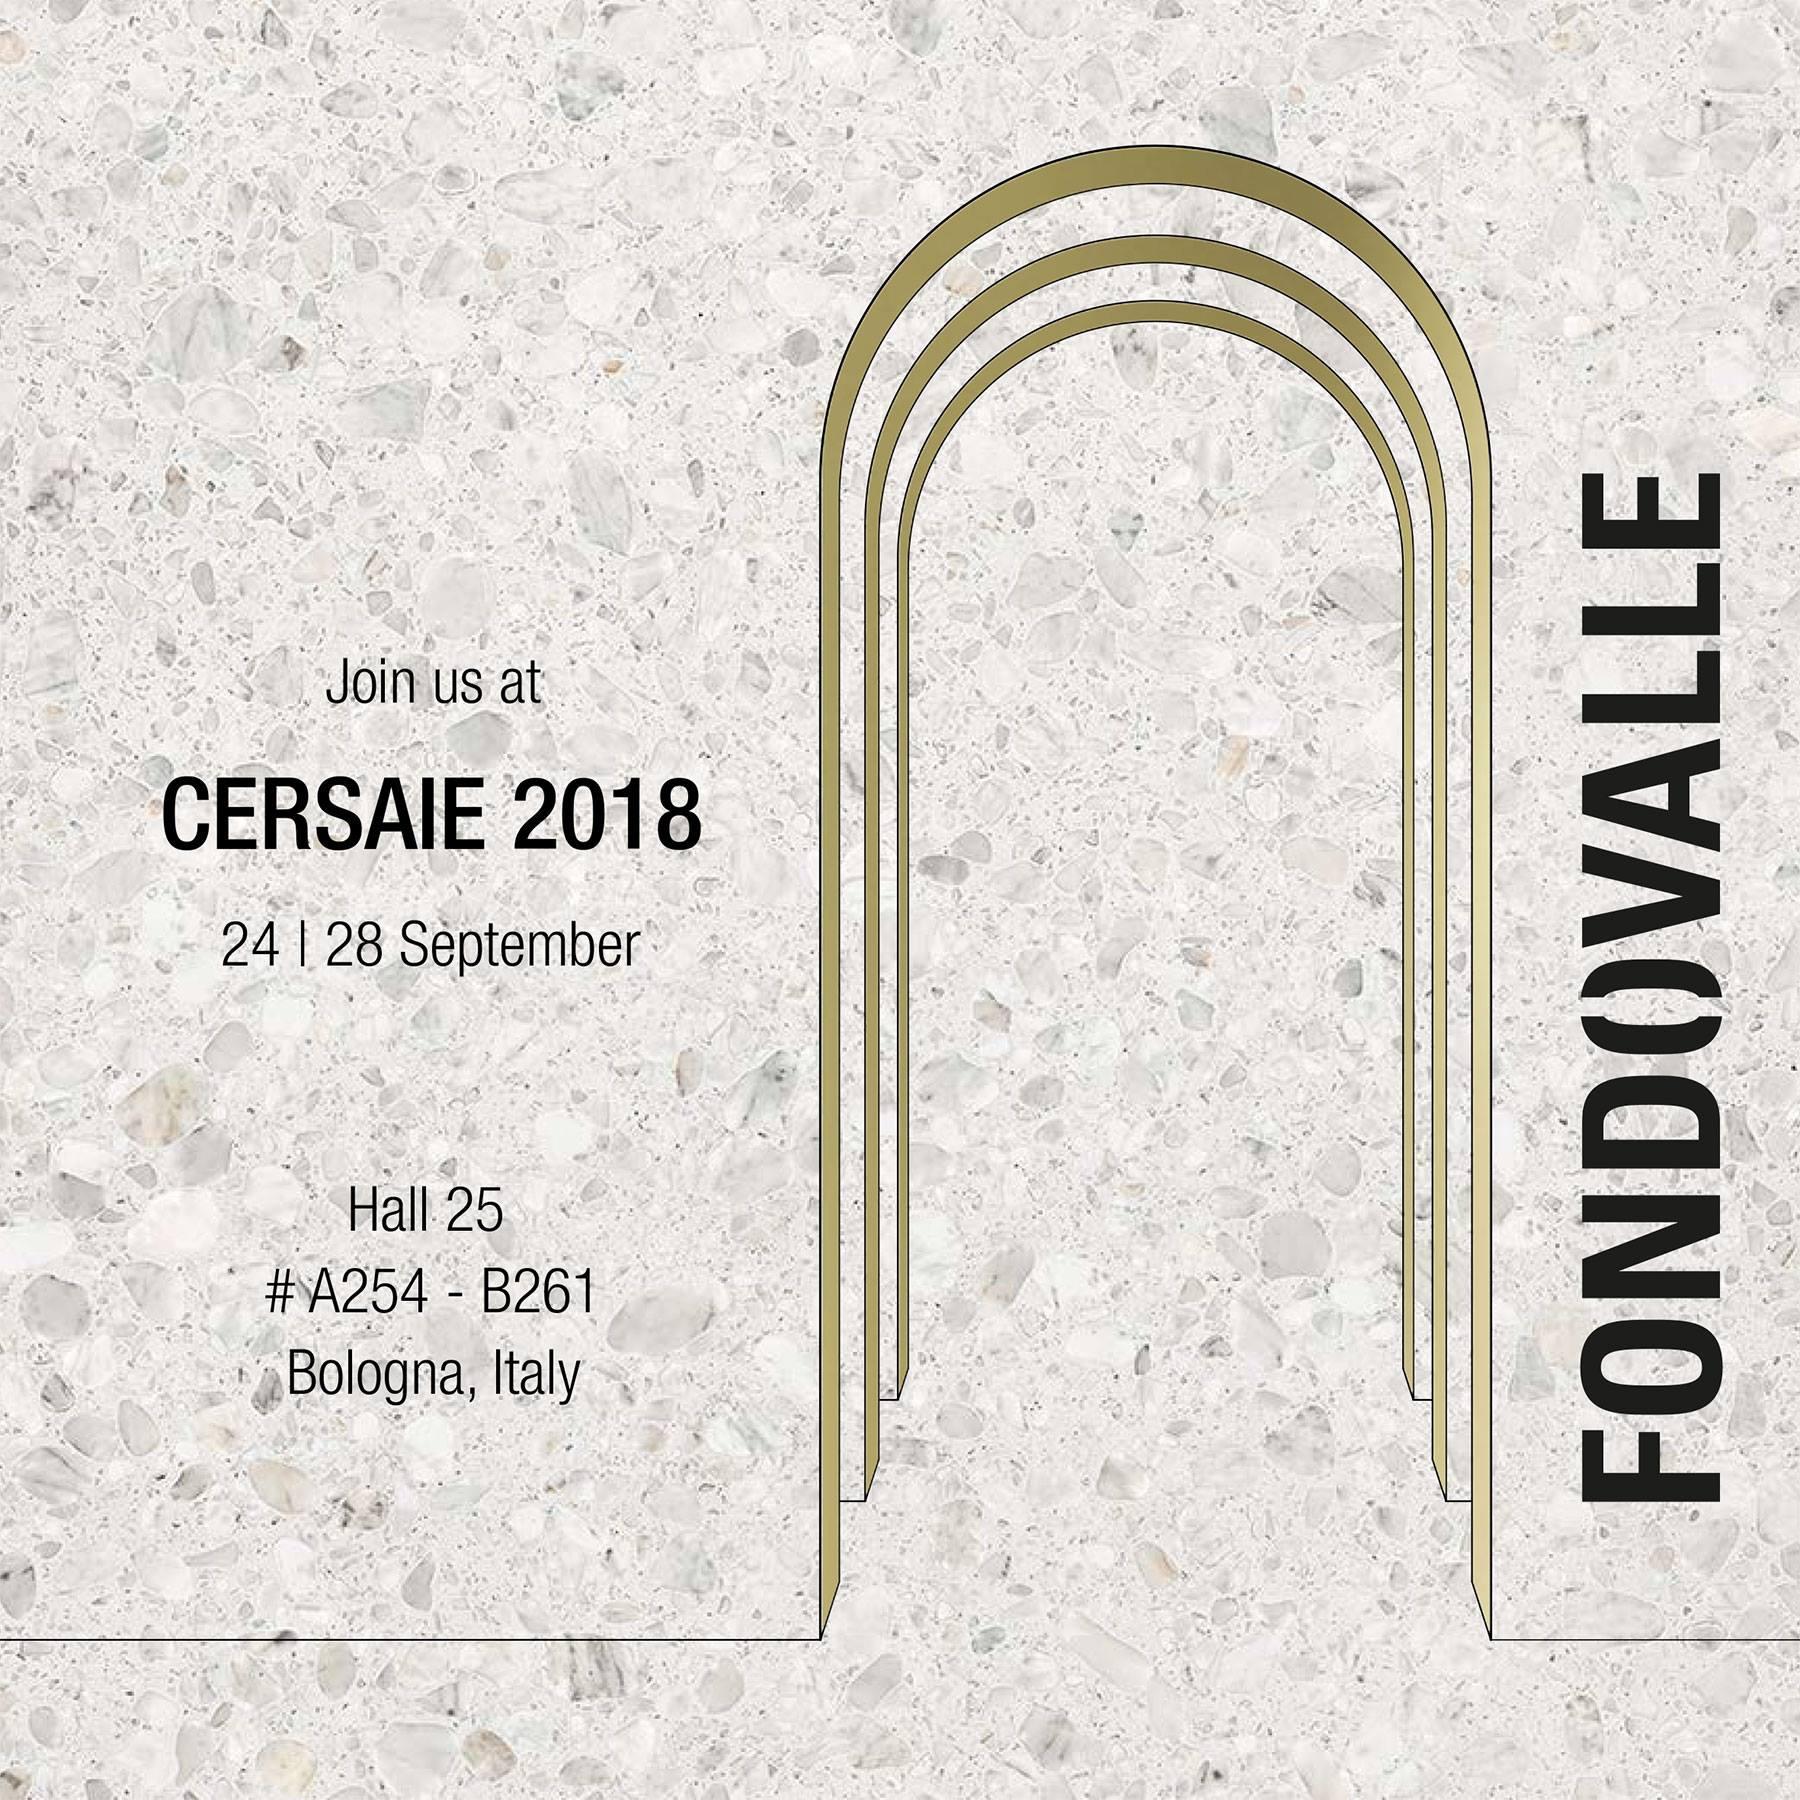 fondovalle-ceramica-cersaie-2018-silvestri-pavimenti